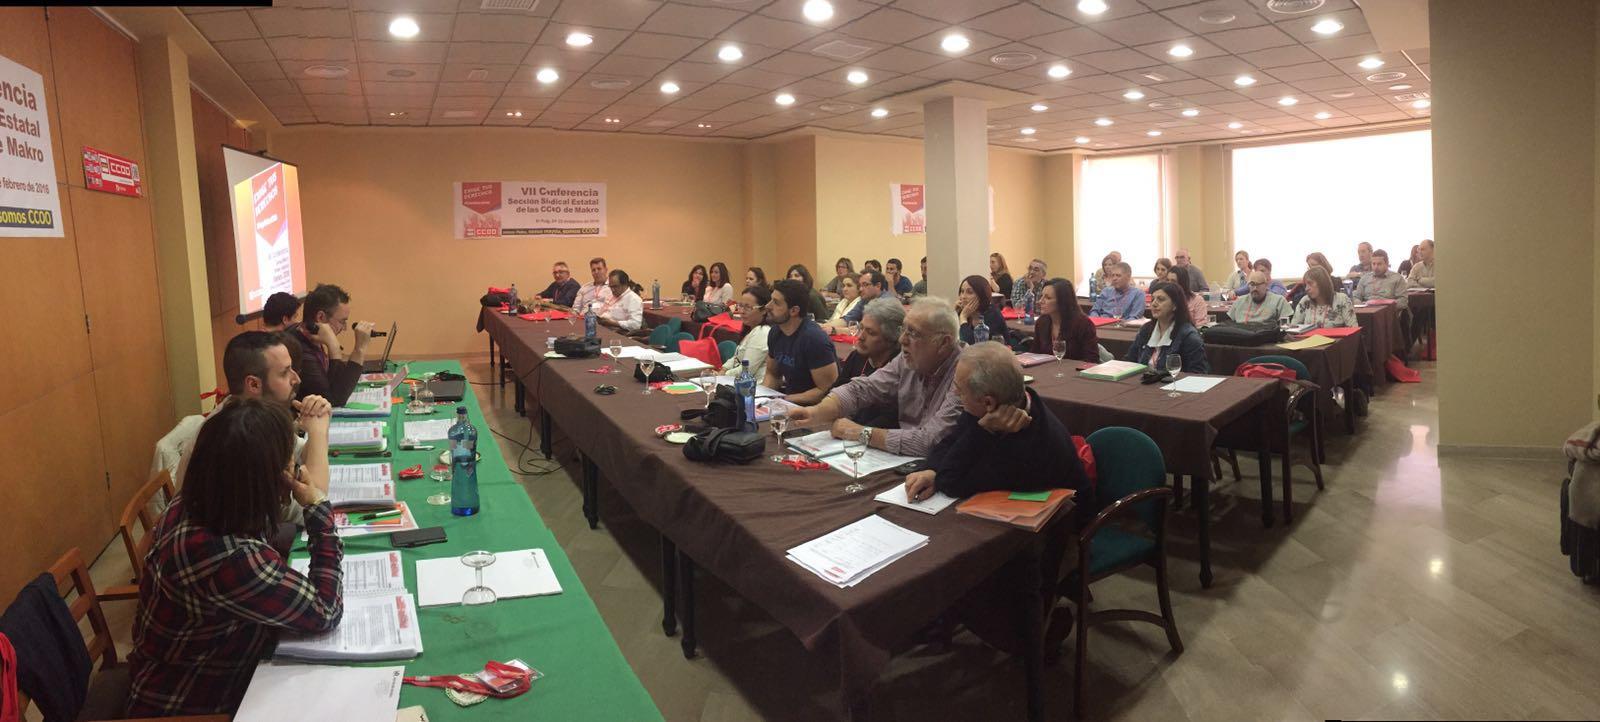 VII Conferencia Estatal de CCOO de Makro Delegados